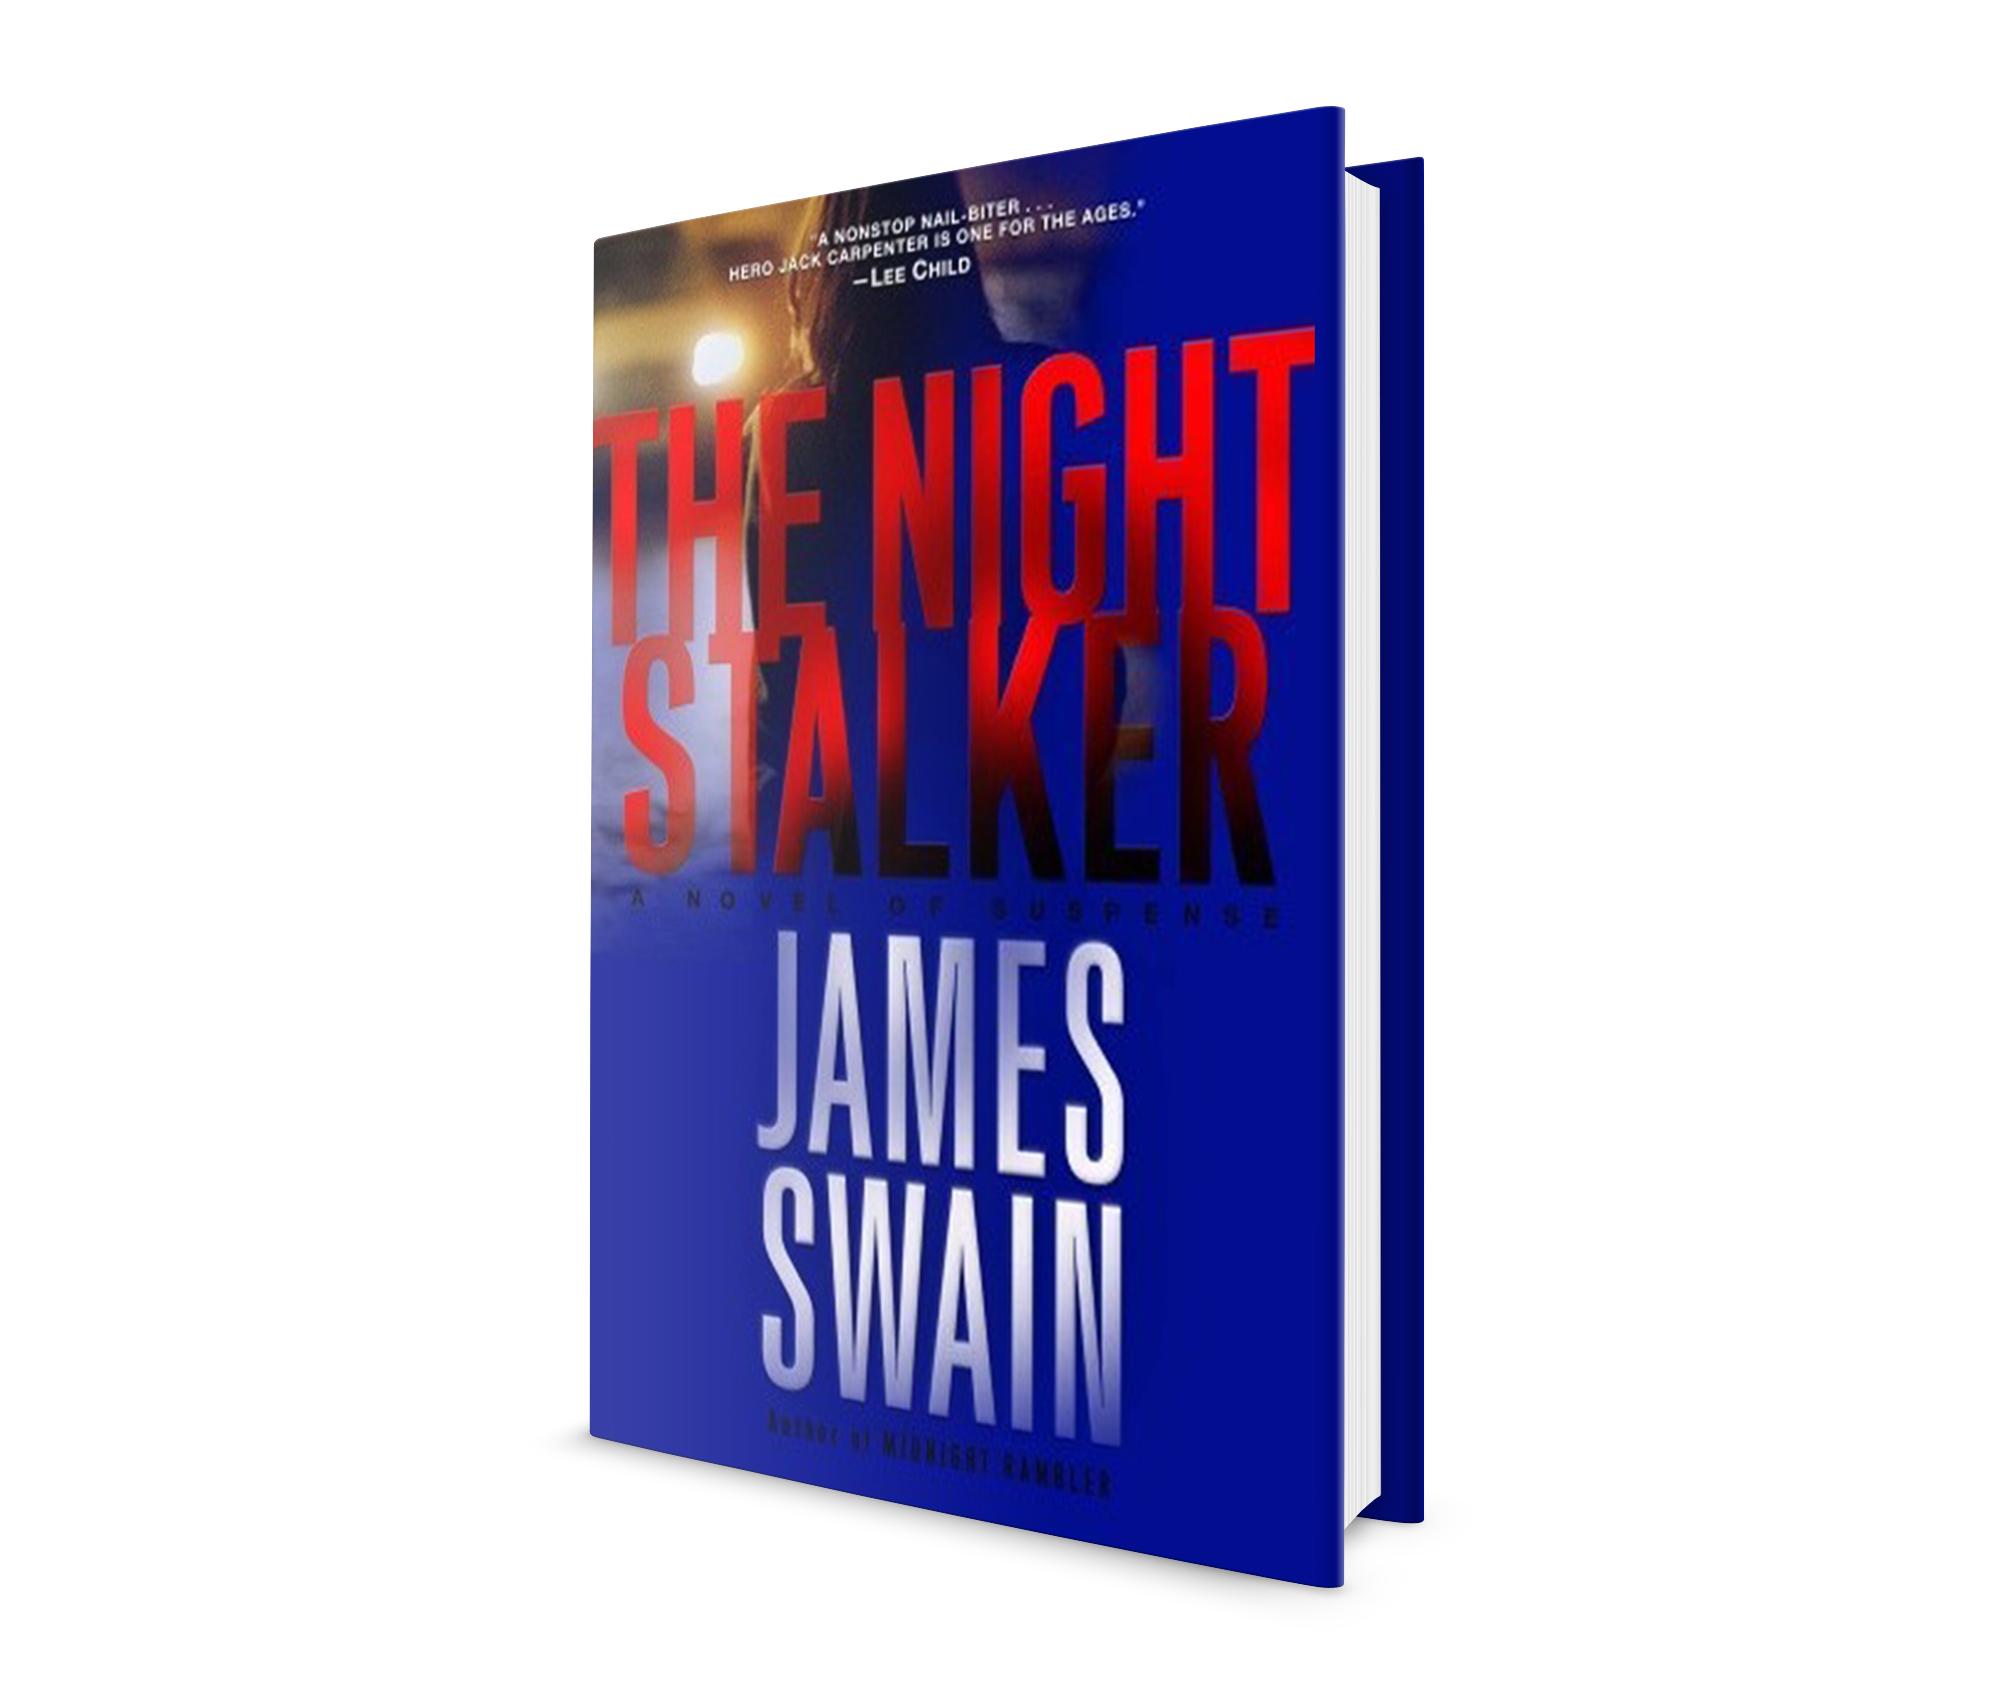 TheNightStalker_Cover.jpg